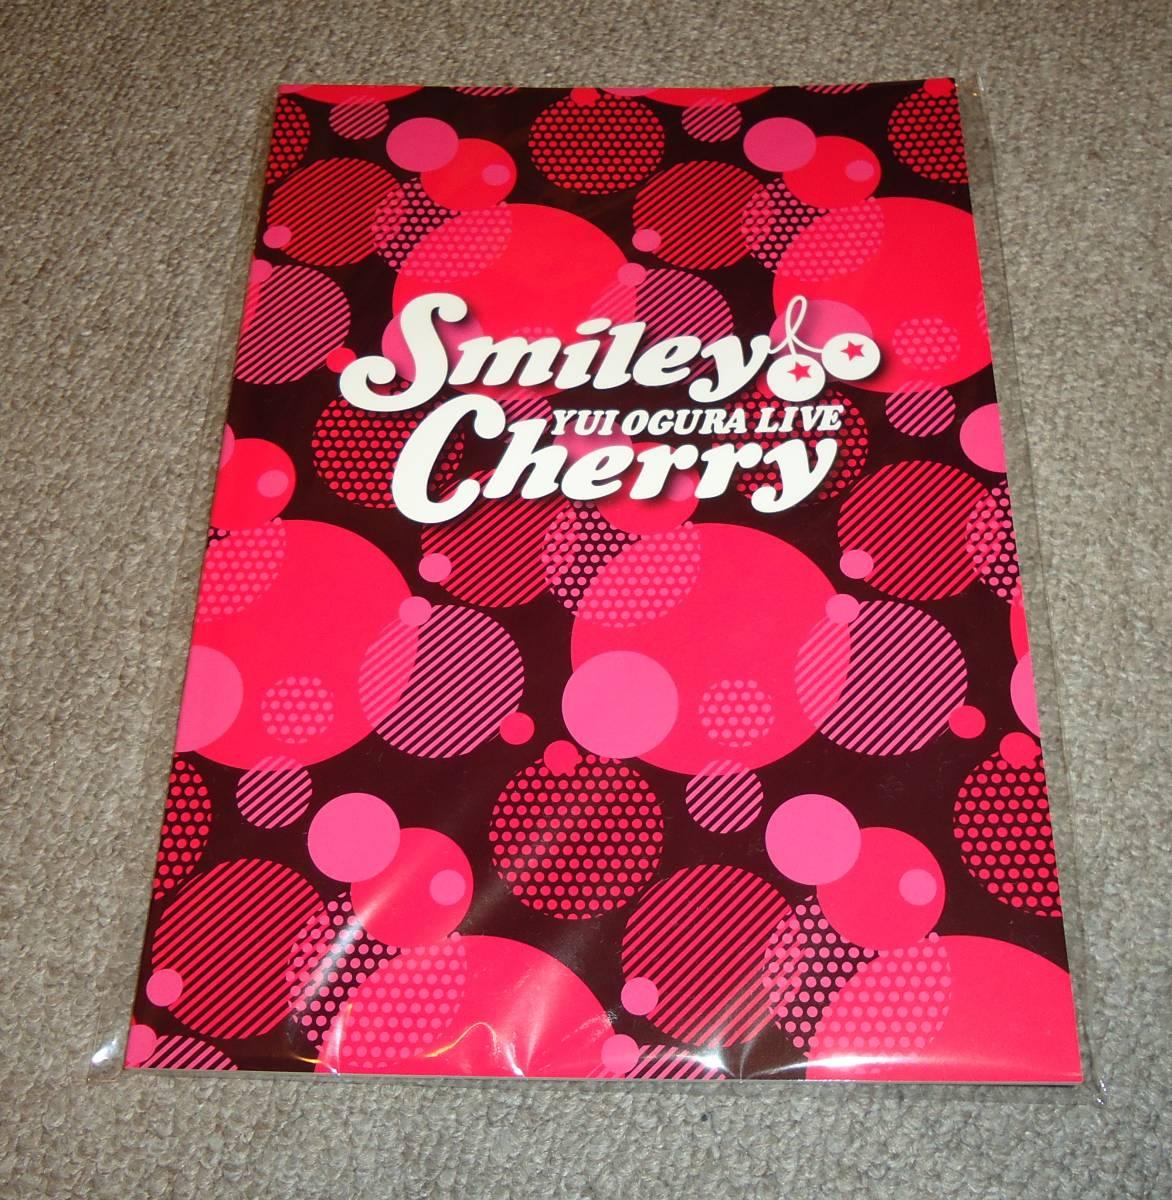 小倉唯 Smiley Cherry ■パンフレット ライブ グッズ パシフィコ横浜■定価3000円